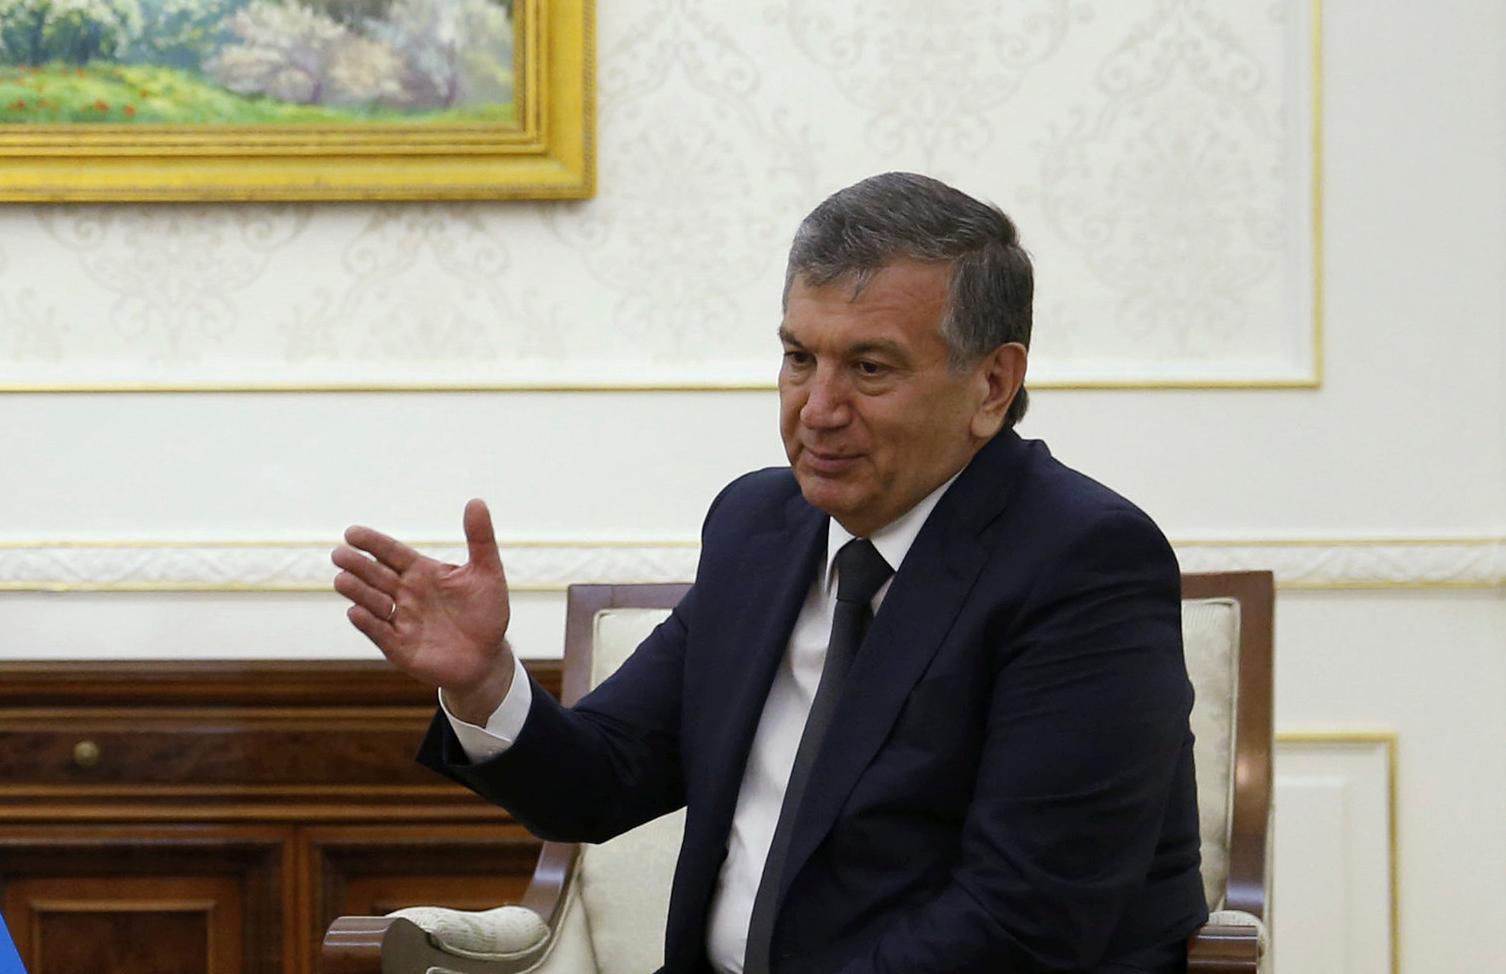 Shavkat Mirziyaiev ocupará el cargo de jefe de Gobierno por un lapso de tres meses mientras se planifican las nuevas eleccion